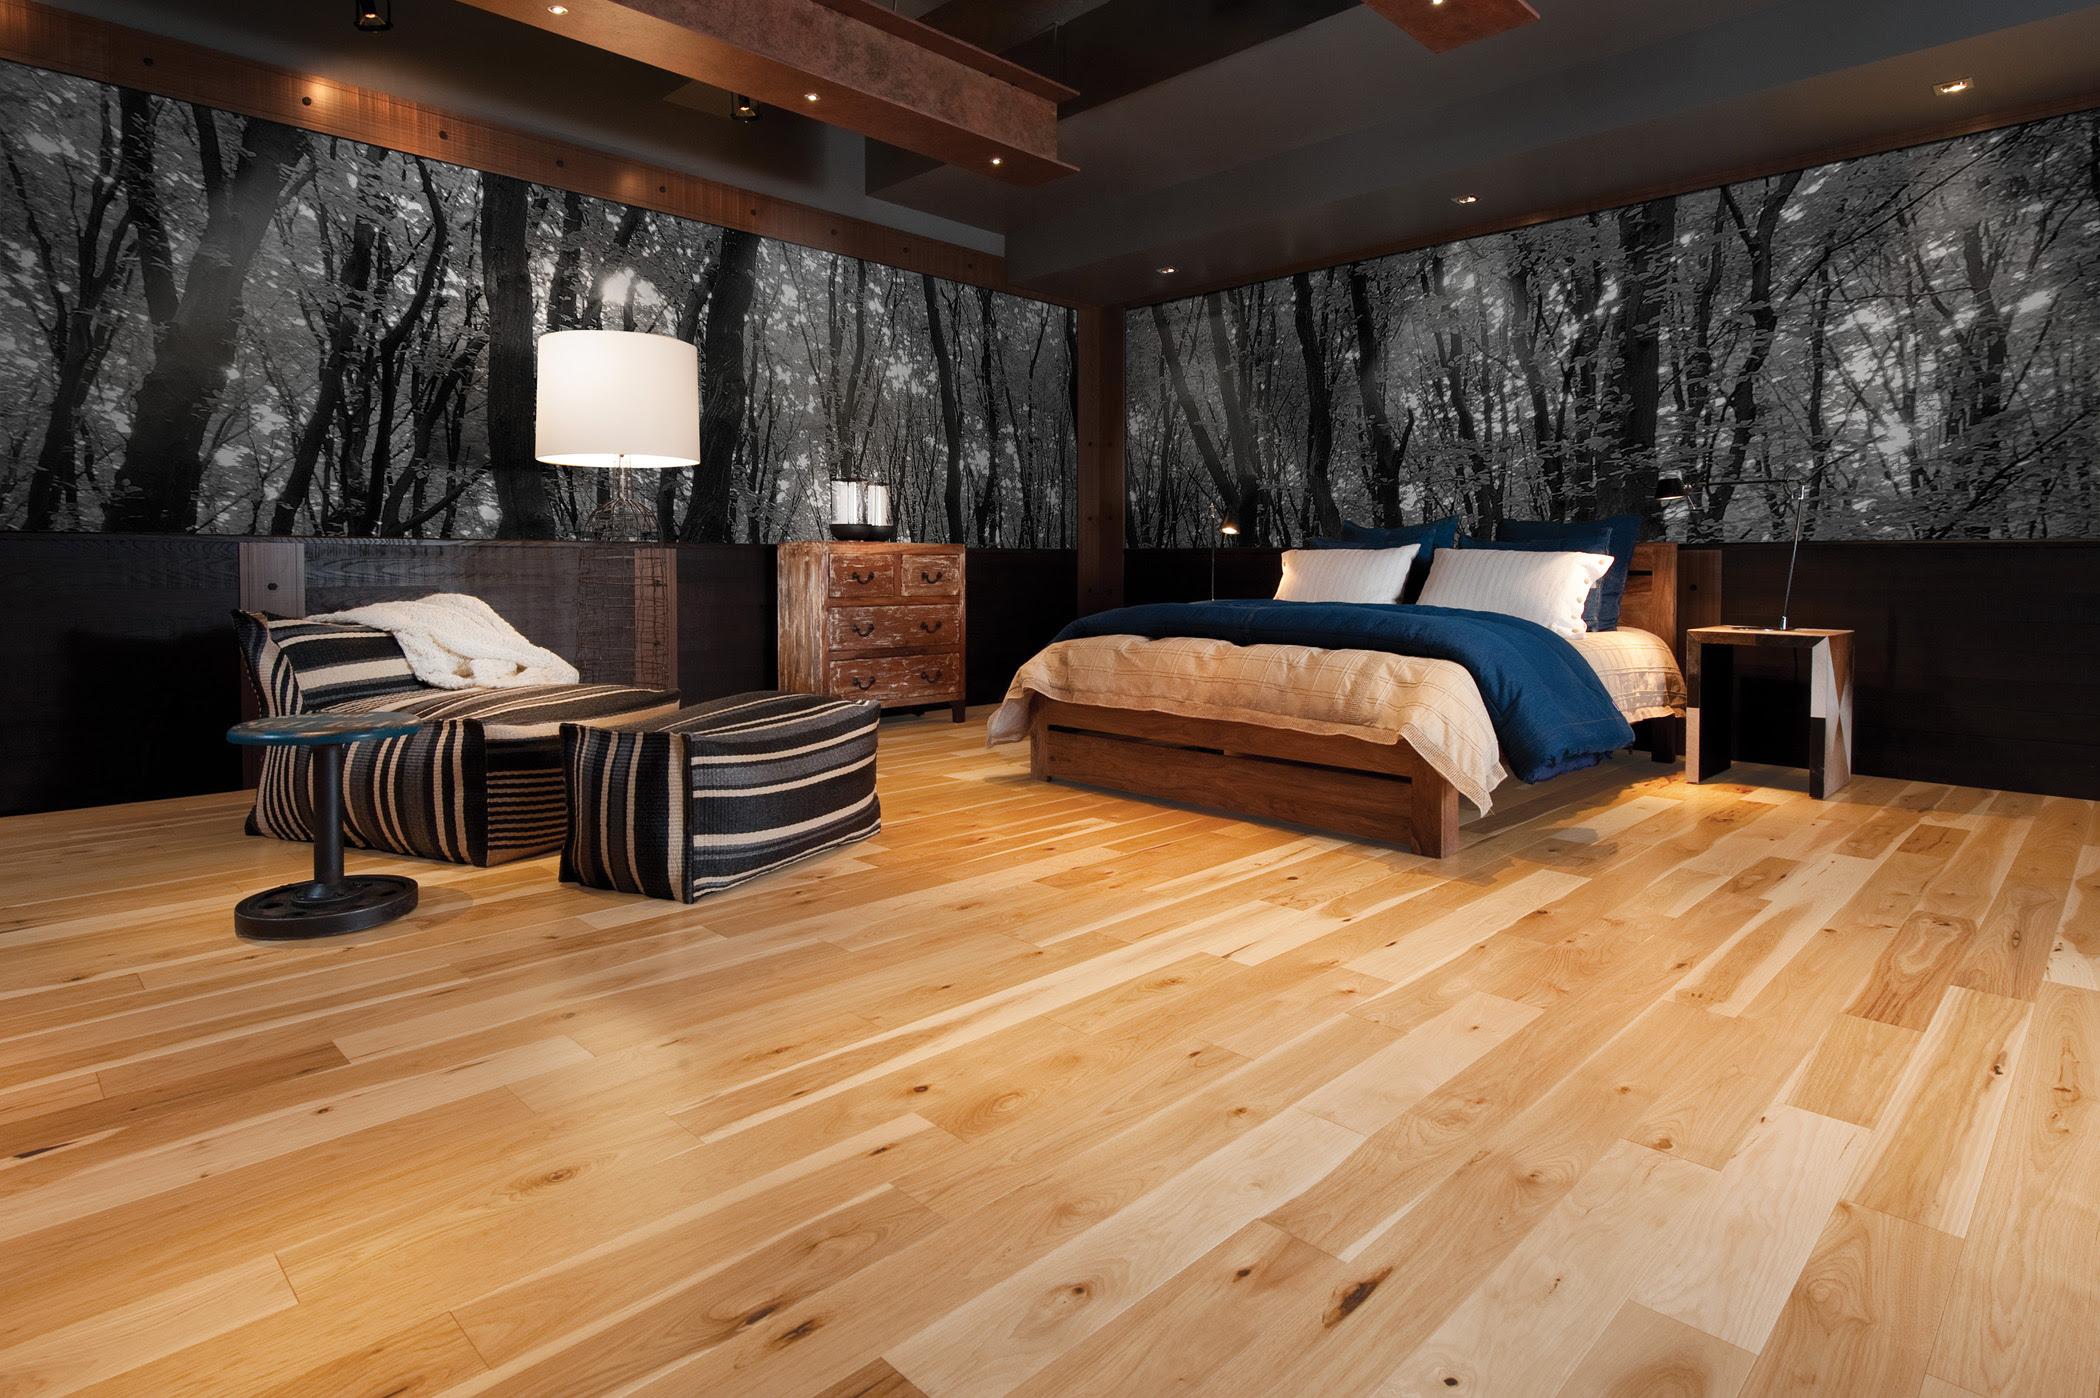 9 RUSTIC WOODEN FLOOR BEDROOM DESIGN INSPIRATIONS ...